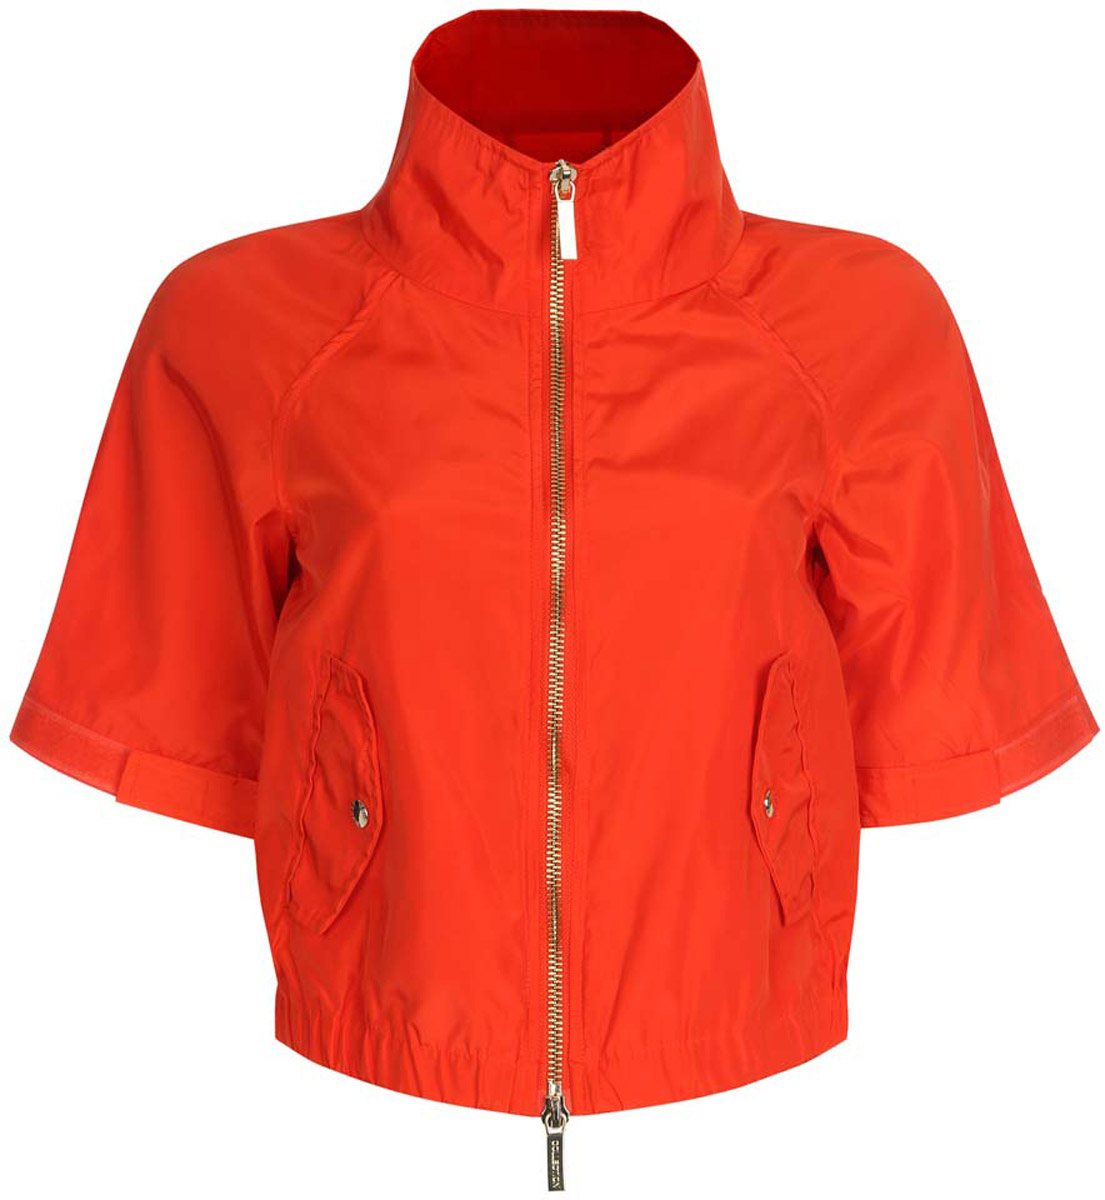 Куртка женская oodji Ultra, цвет: красный. 10307004/45462/4500N. Размер 40-170 (46-170)10307004/45462/4500NСтильная женская куртка oodji Ultra выполнена из качественного полиэстера. Куртка укороченной модели с рукавами-реглан длиной 3/4 и воротником-стойкой. Застегивается модель спереди на застежку-молнию. Низ куртки на широкой эластичной резинке. По бокам и на манжетах изделие дополнено хлястиками, которые регулируют посадку и объем с помощью липучек. Спереди куртка оформлена двумя втачными карманами с клапанами на кнопках.